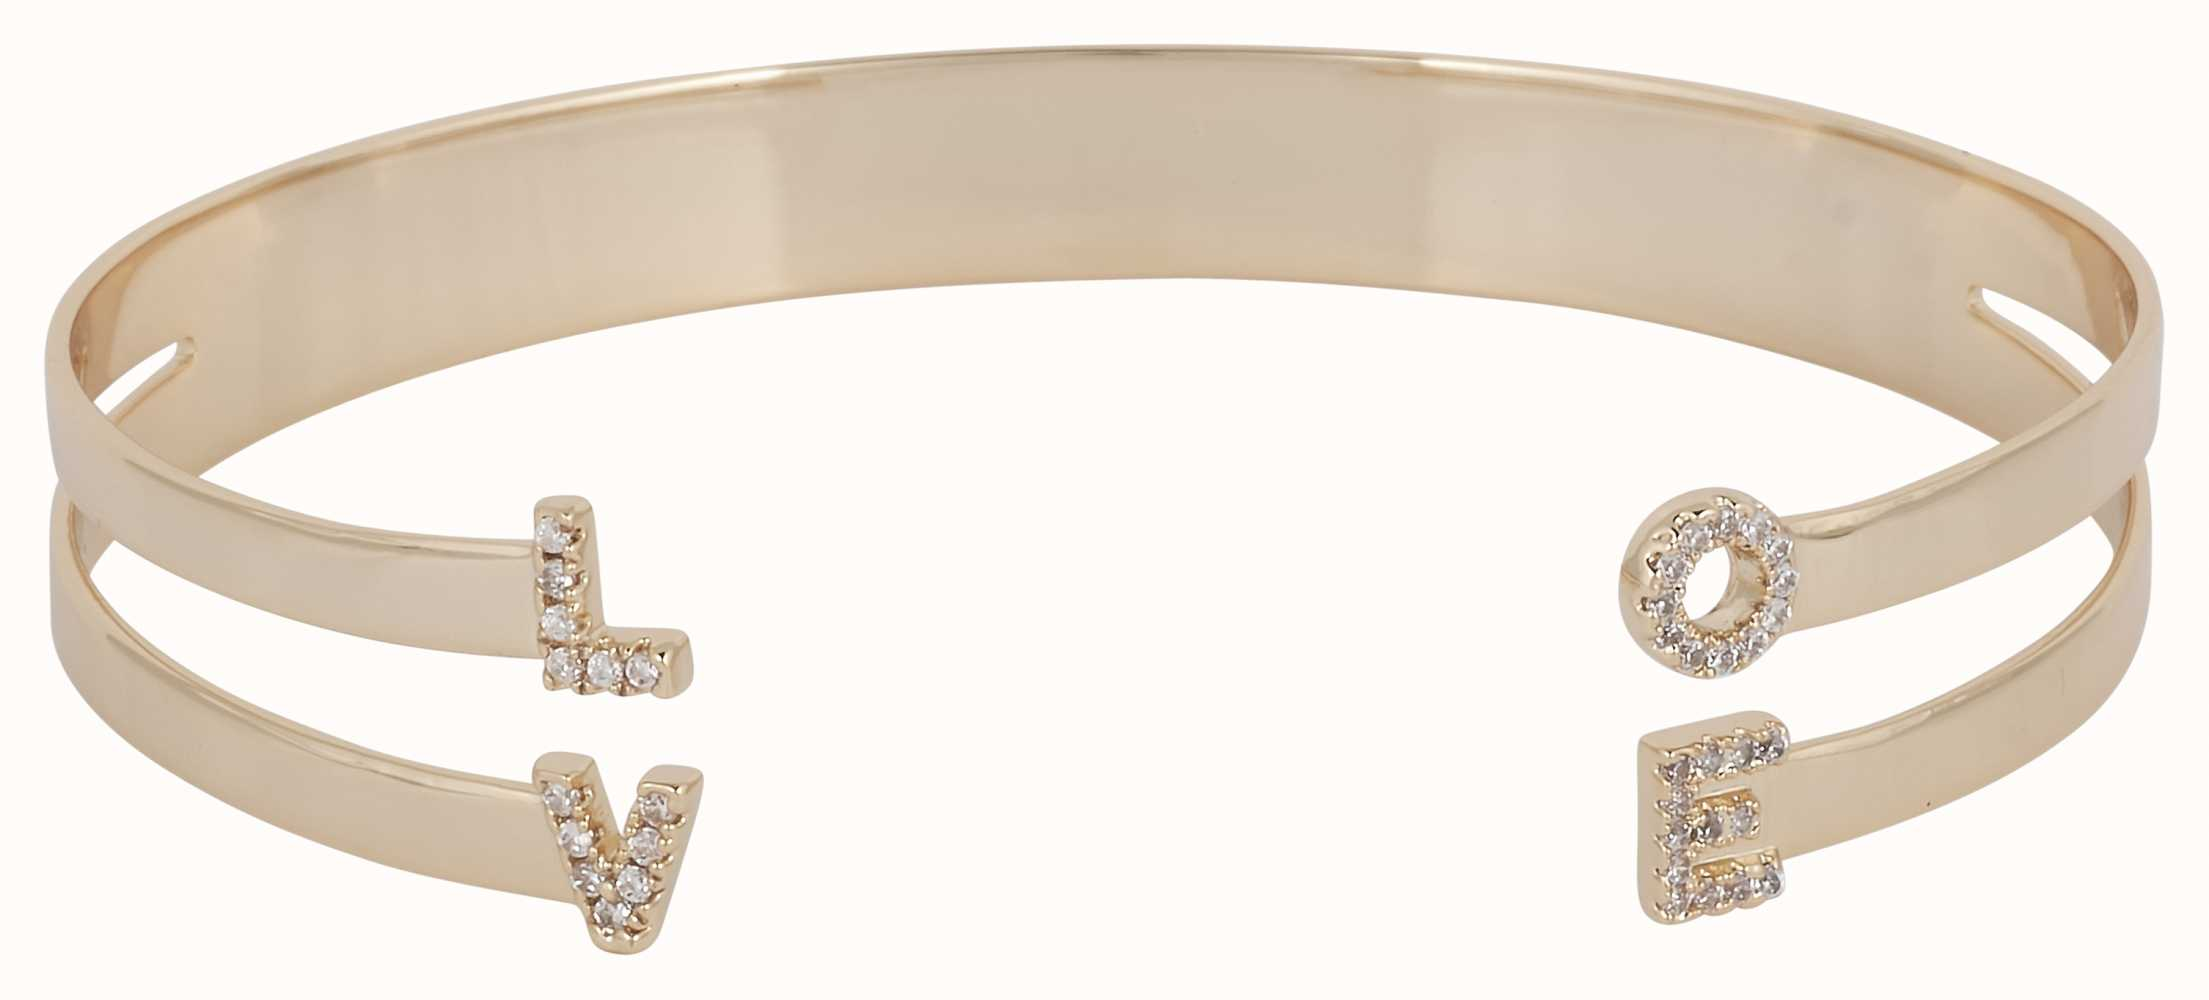 Mya Bay Jewellery JC-LO-01.G